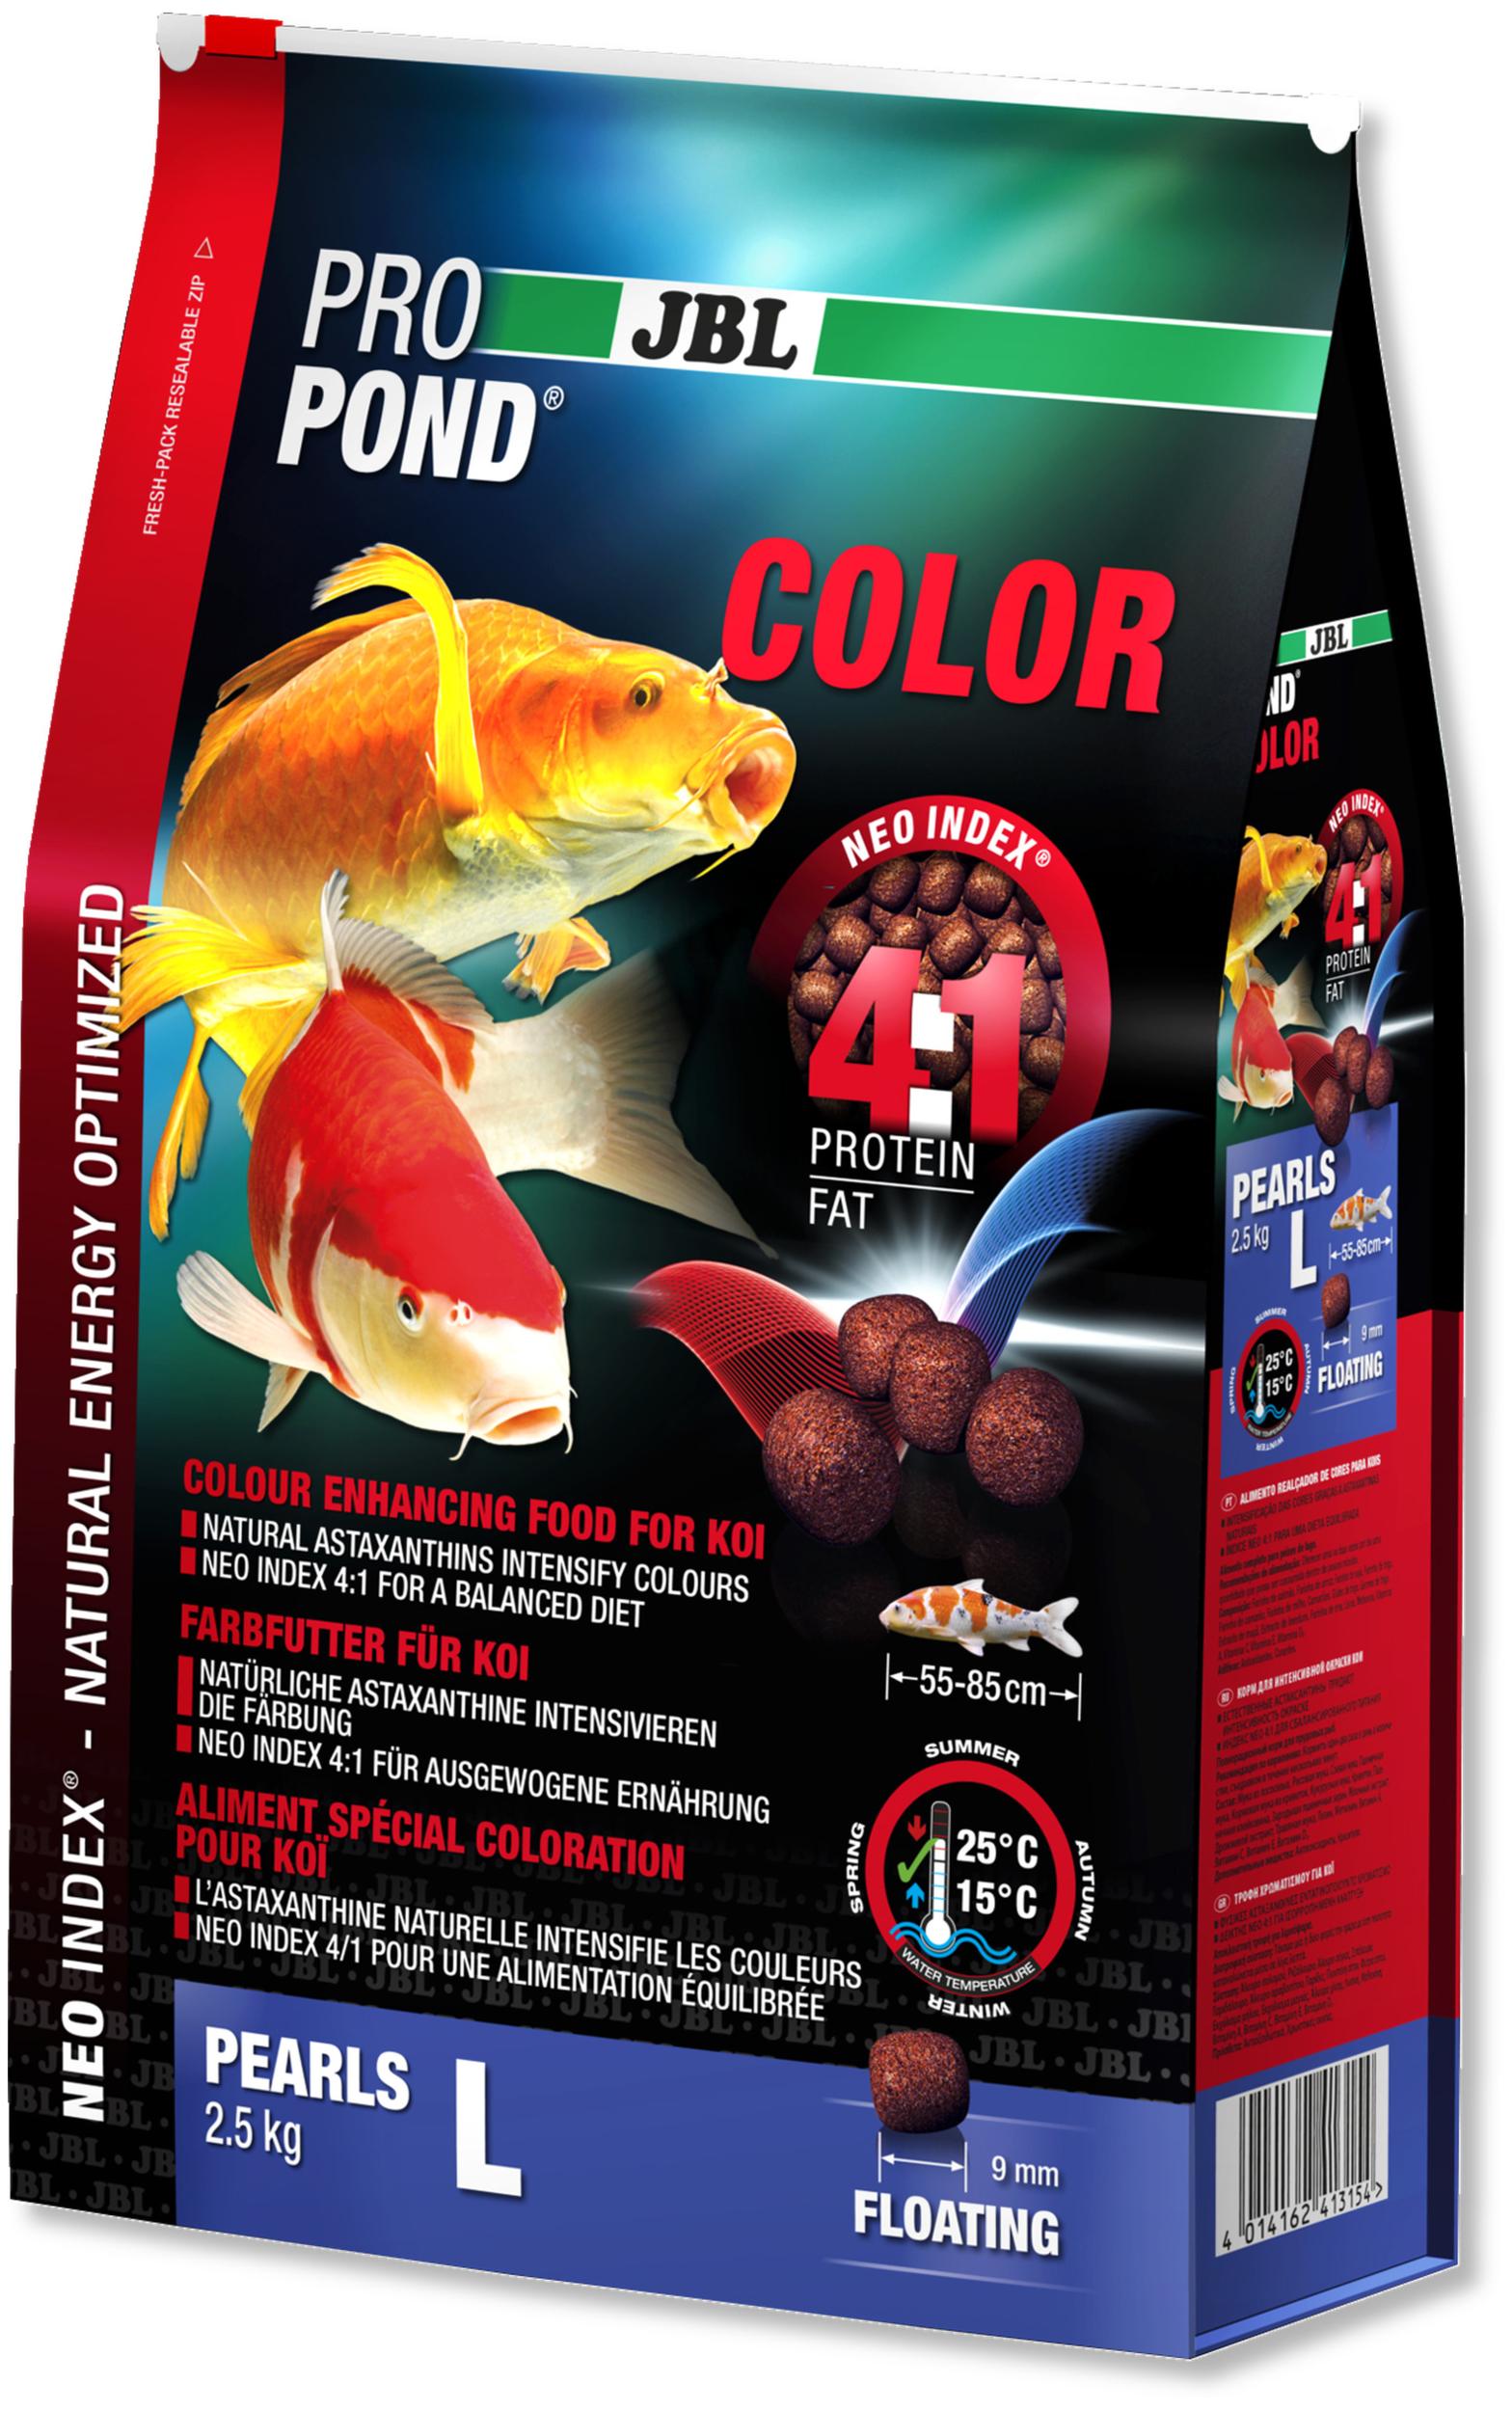 JBL ProPond Color L 2,5 Kg nourriture Koïs spéciale renforcement des couleurs sous forme de perles pour poissons de 55 à 85 cm